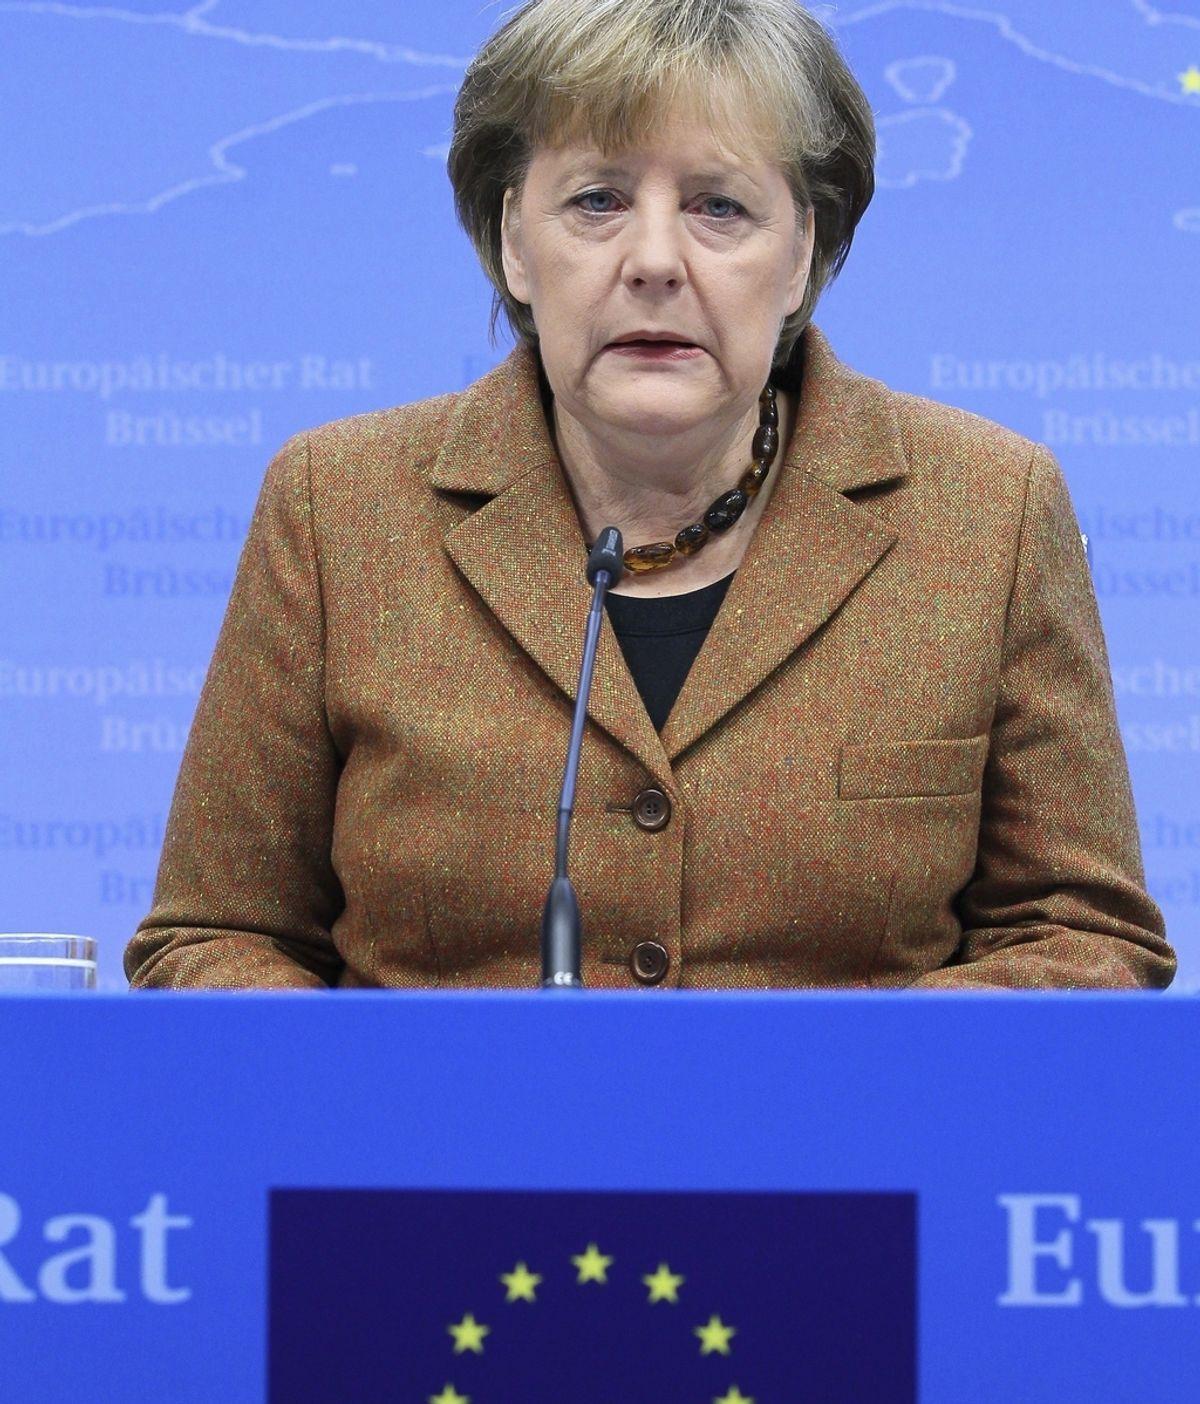 Conferencia de Merkel en Bruselas